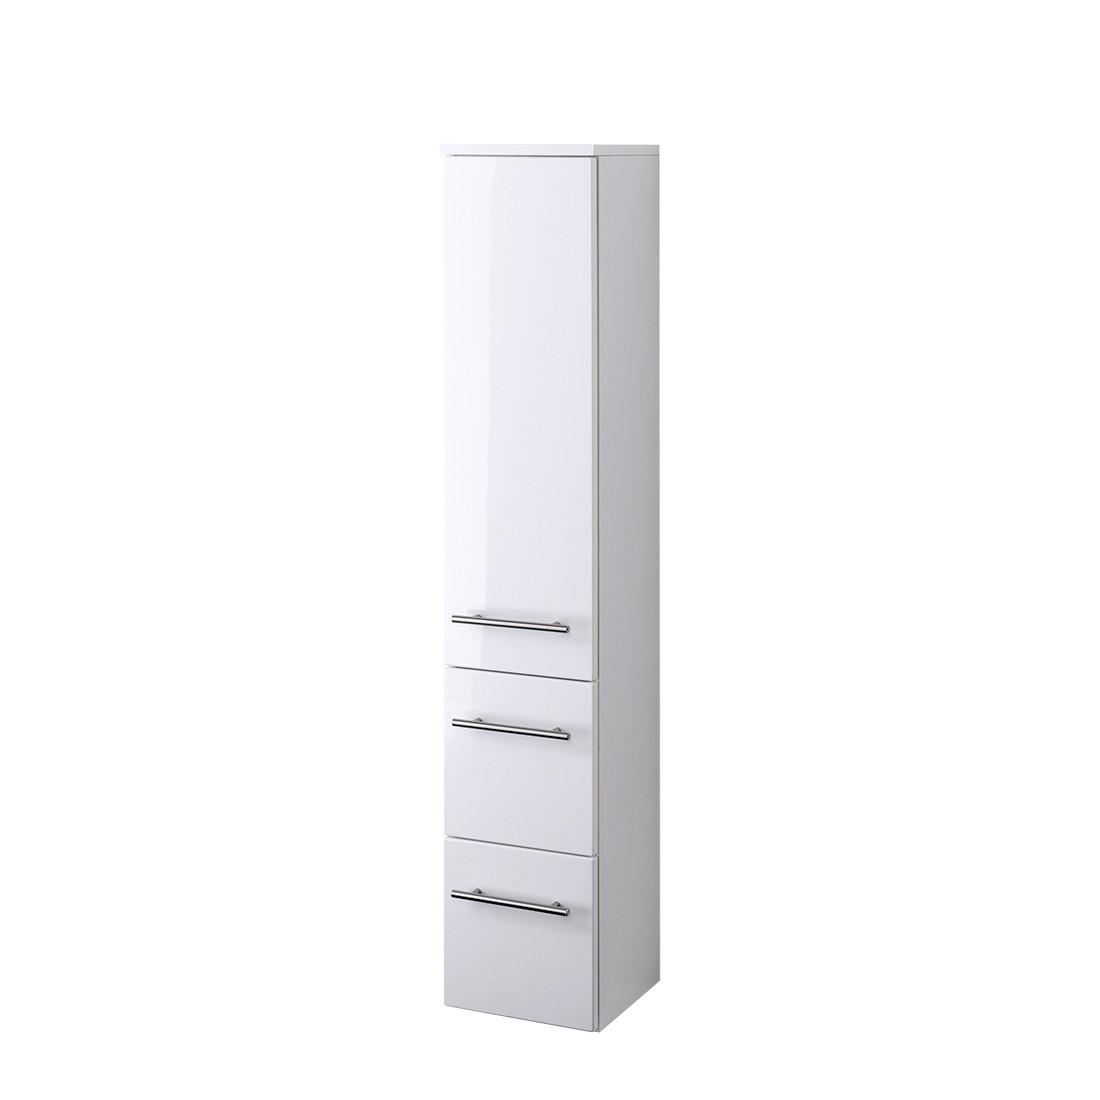 Midischrank Kopenhagen - Hochglanz Weiß/Weiß - 25 cm, Giessbach